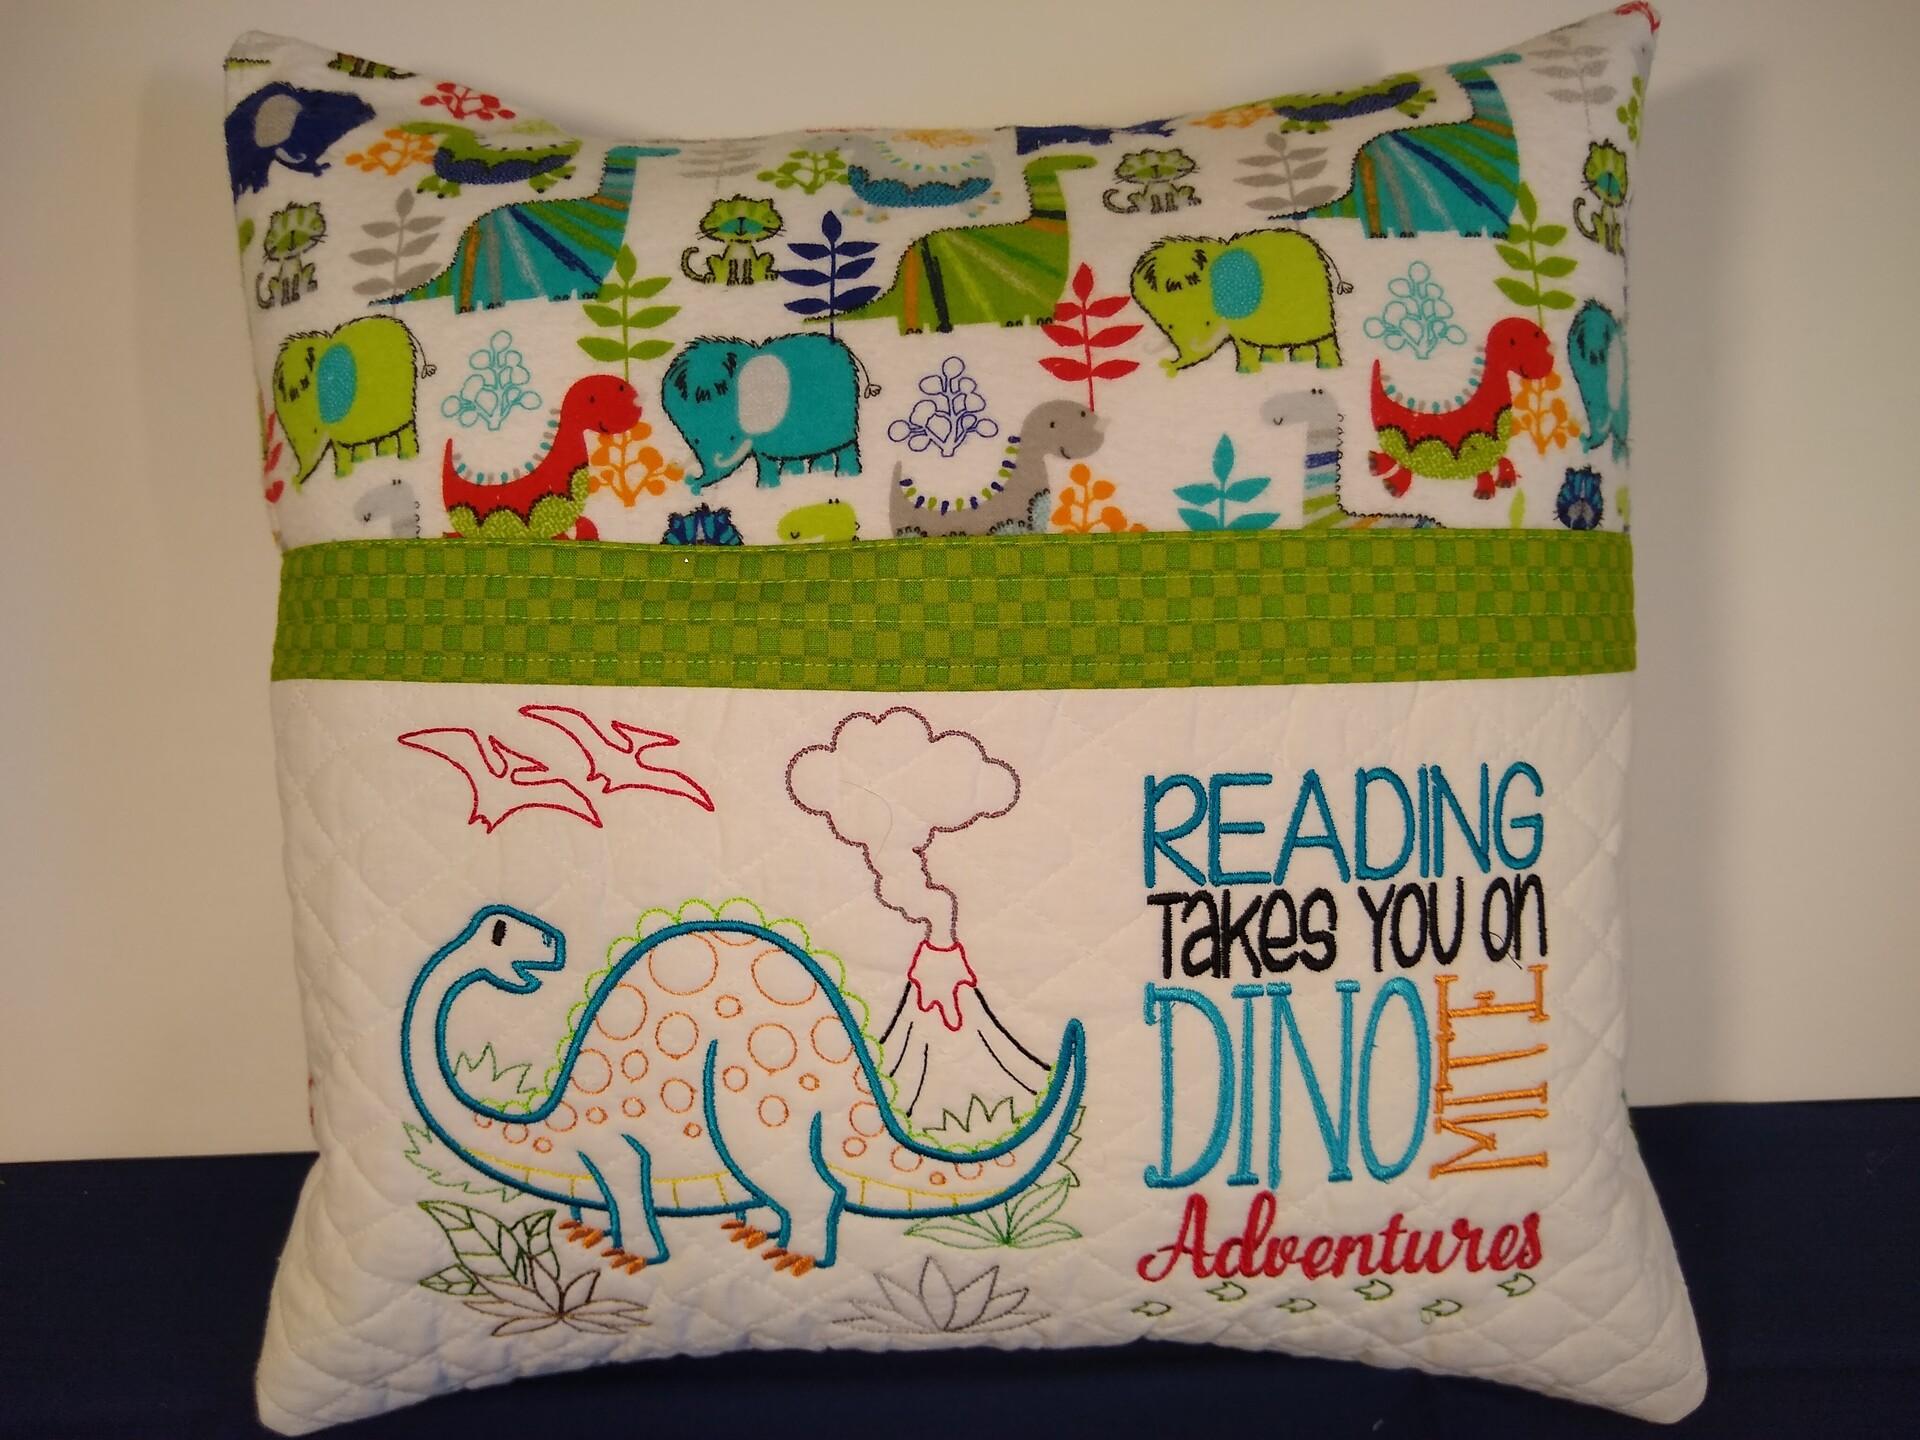 Dino Adventures